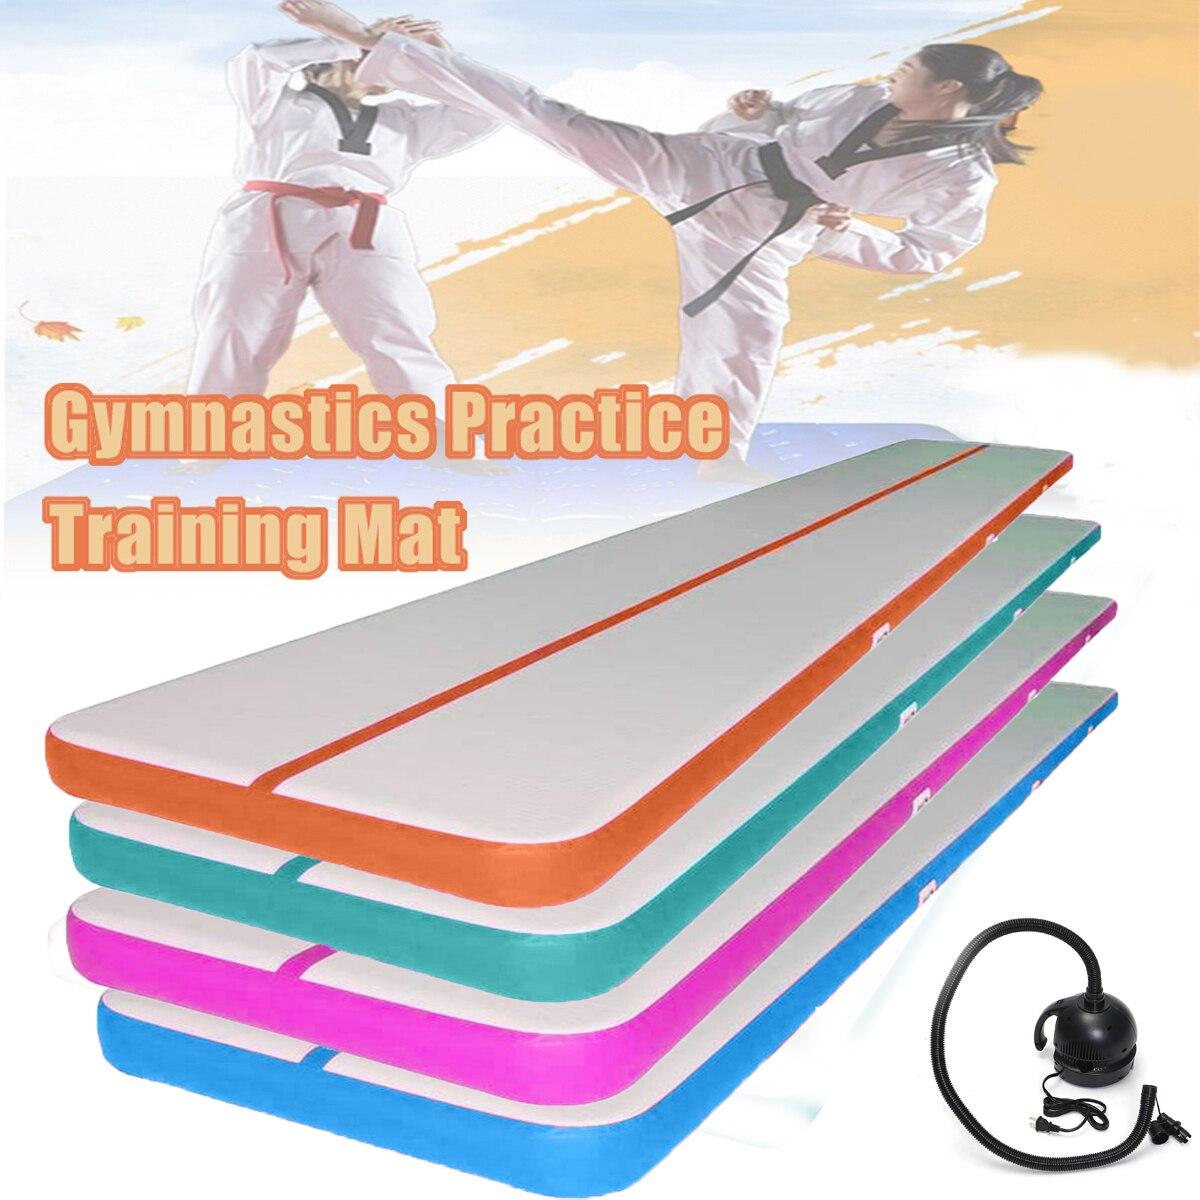 400x100x10 cm Piste Gonflable Gymnastique Tapis de Pratique Tumbling Formation Pad + 220 v Pompe À Air